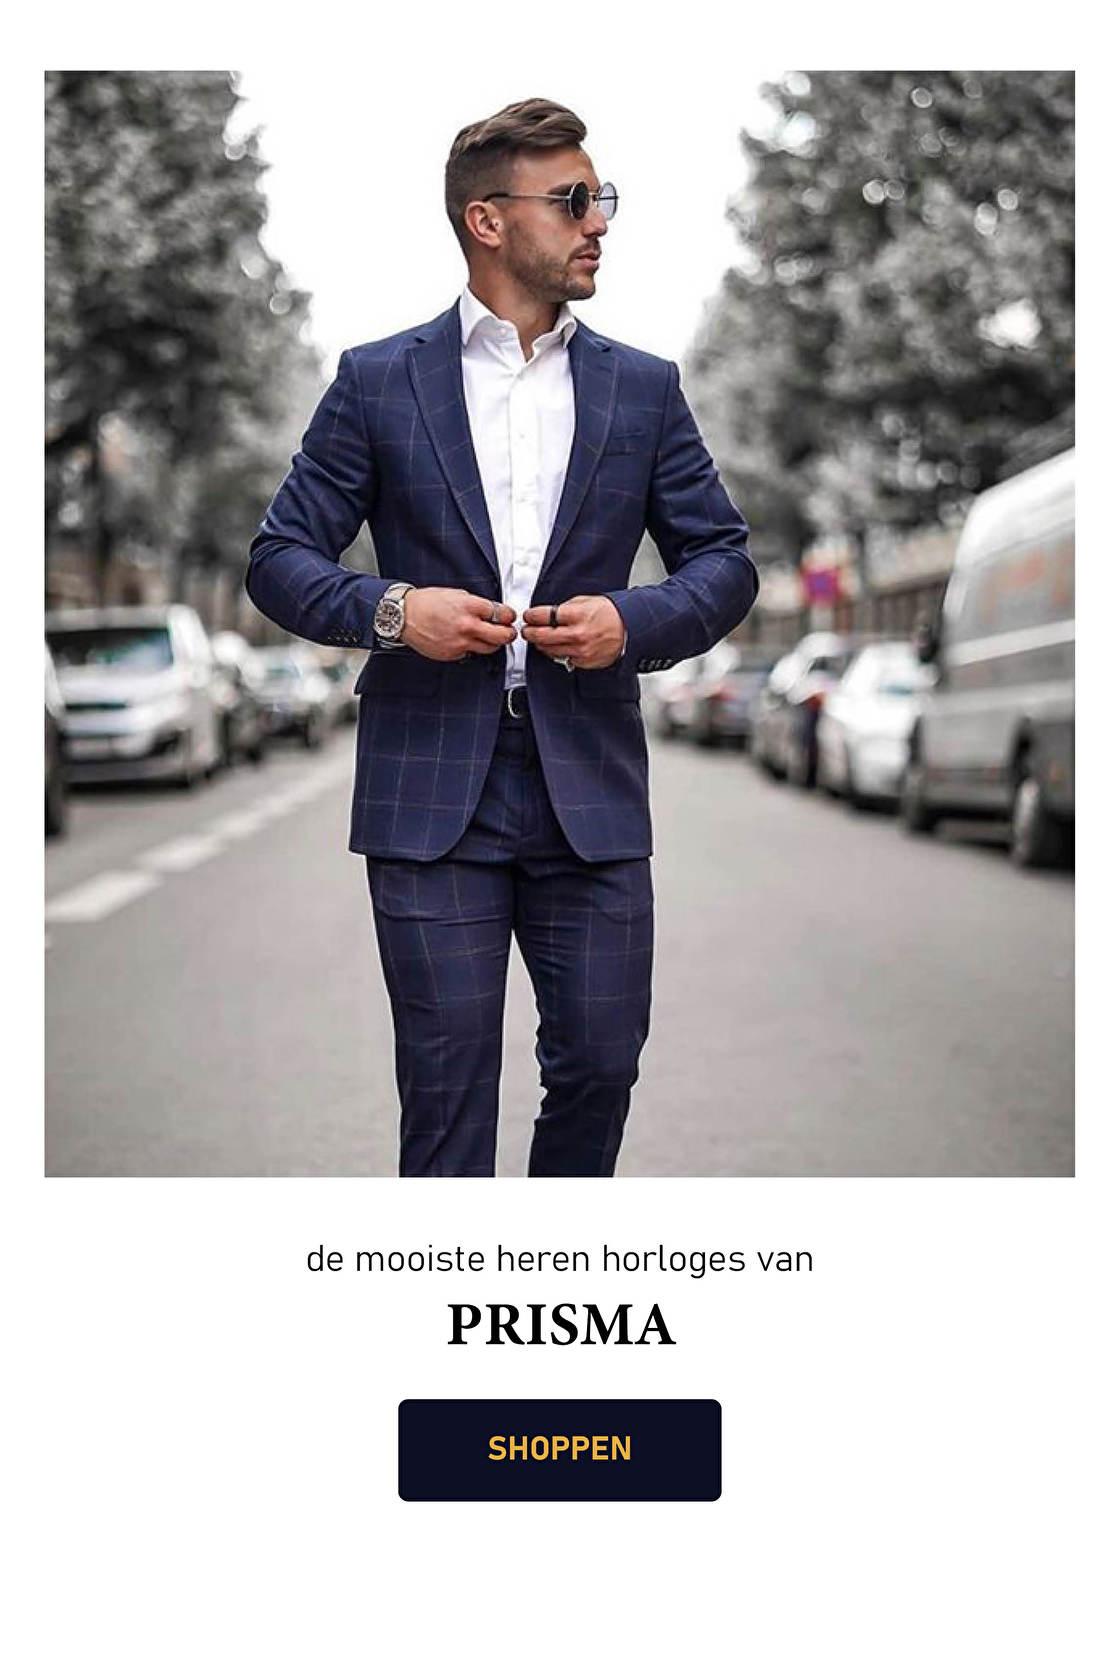 Prisma staat al jarenlang bekend om hun bijzondere horloges die ook nog eens van absolute topkwaliteit zijn. Dit komt doordat Prisma goed let op kwaliteit en zorg draagt voor functionaliteit. Ze willen u tenslotte geen horloge verkopen dat zij niet zelf zouden willen dragen. Met het strakke ontwerp en de stijlvolle uitstraling van de Prisma Horloges maakt u zeker indruk. En nu zijn deze stijlvolle horloges ook te verkrijgen bij juwelier It's Beautiful!